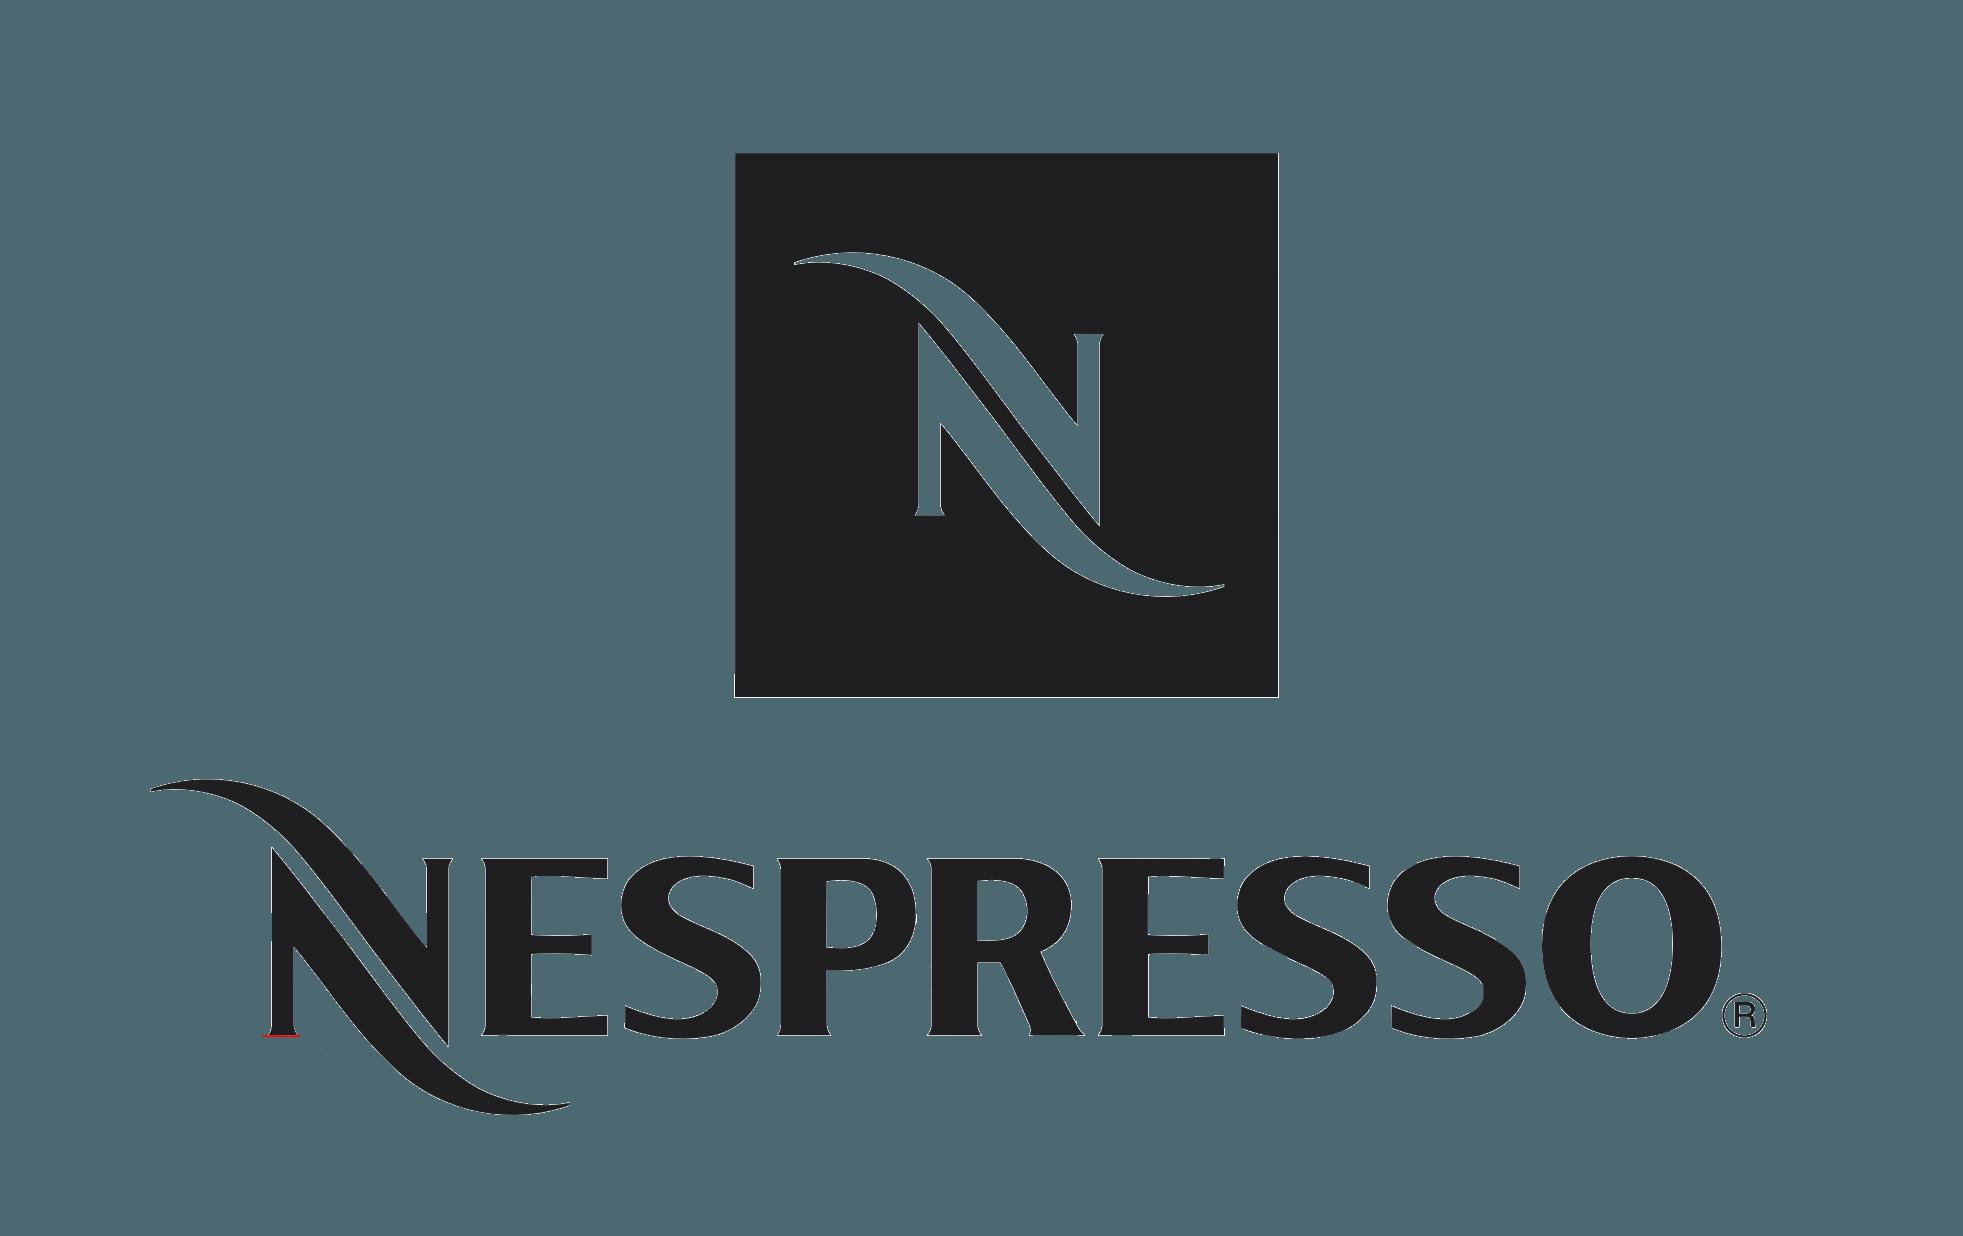 Nespresso-contato